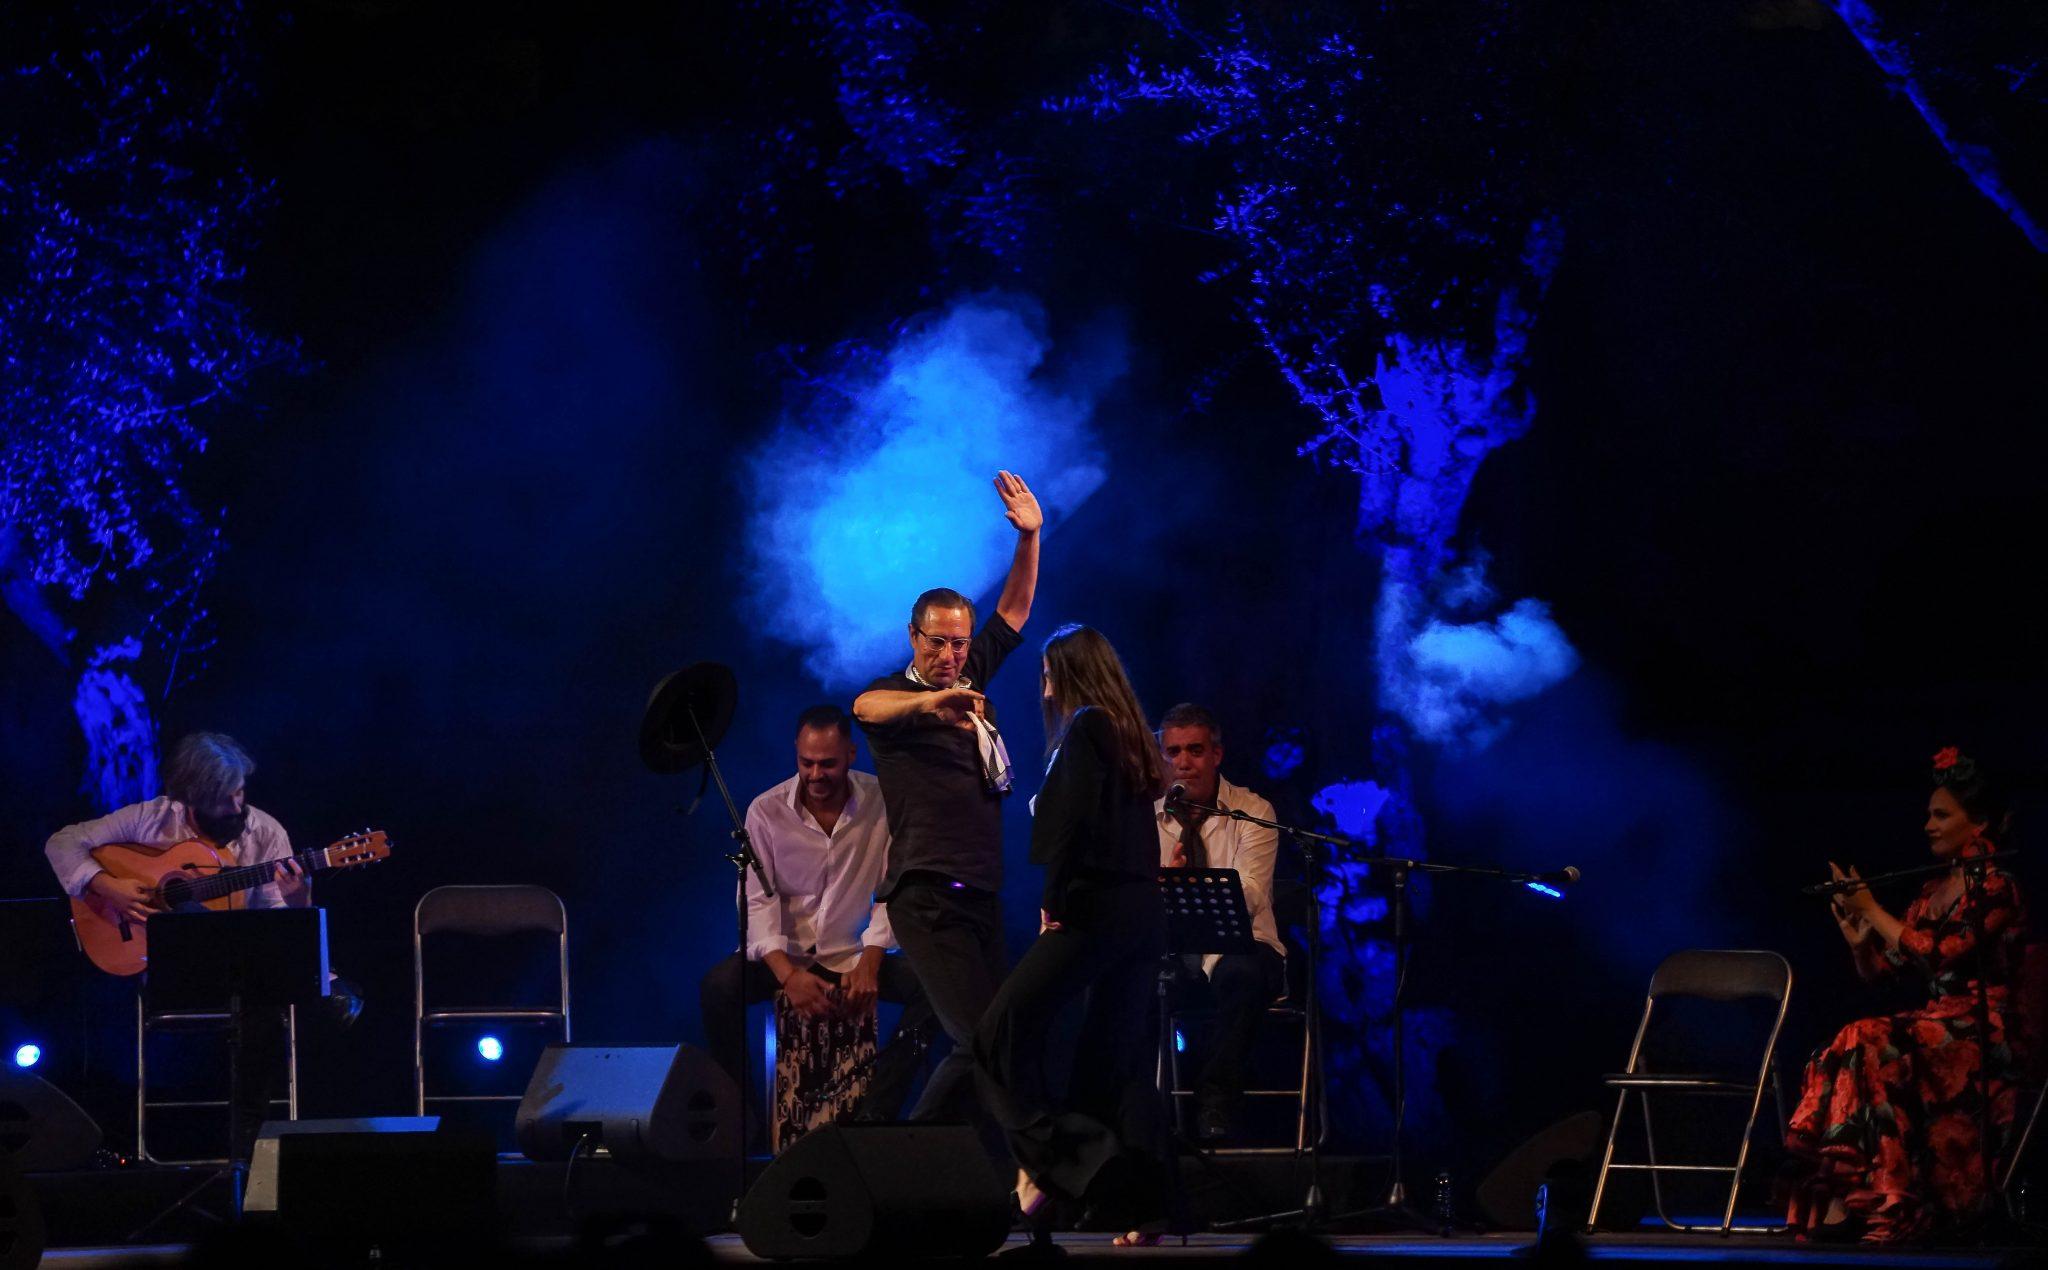 No centro da imagem, um homem e uma mulher dançam flamenco, acompanhados por músicos ao vivo. Do lado direito para o observador, uma mulher com trajes coloridos e floridos acompanha o ritmo com palmas